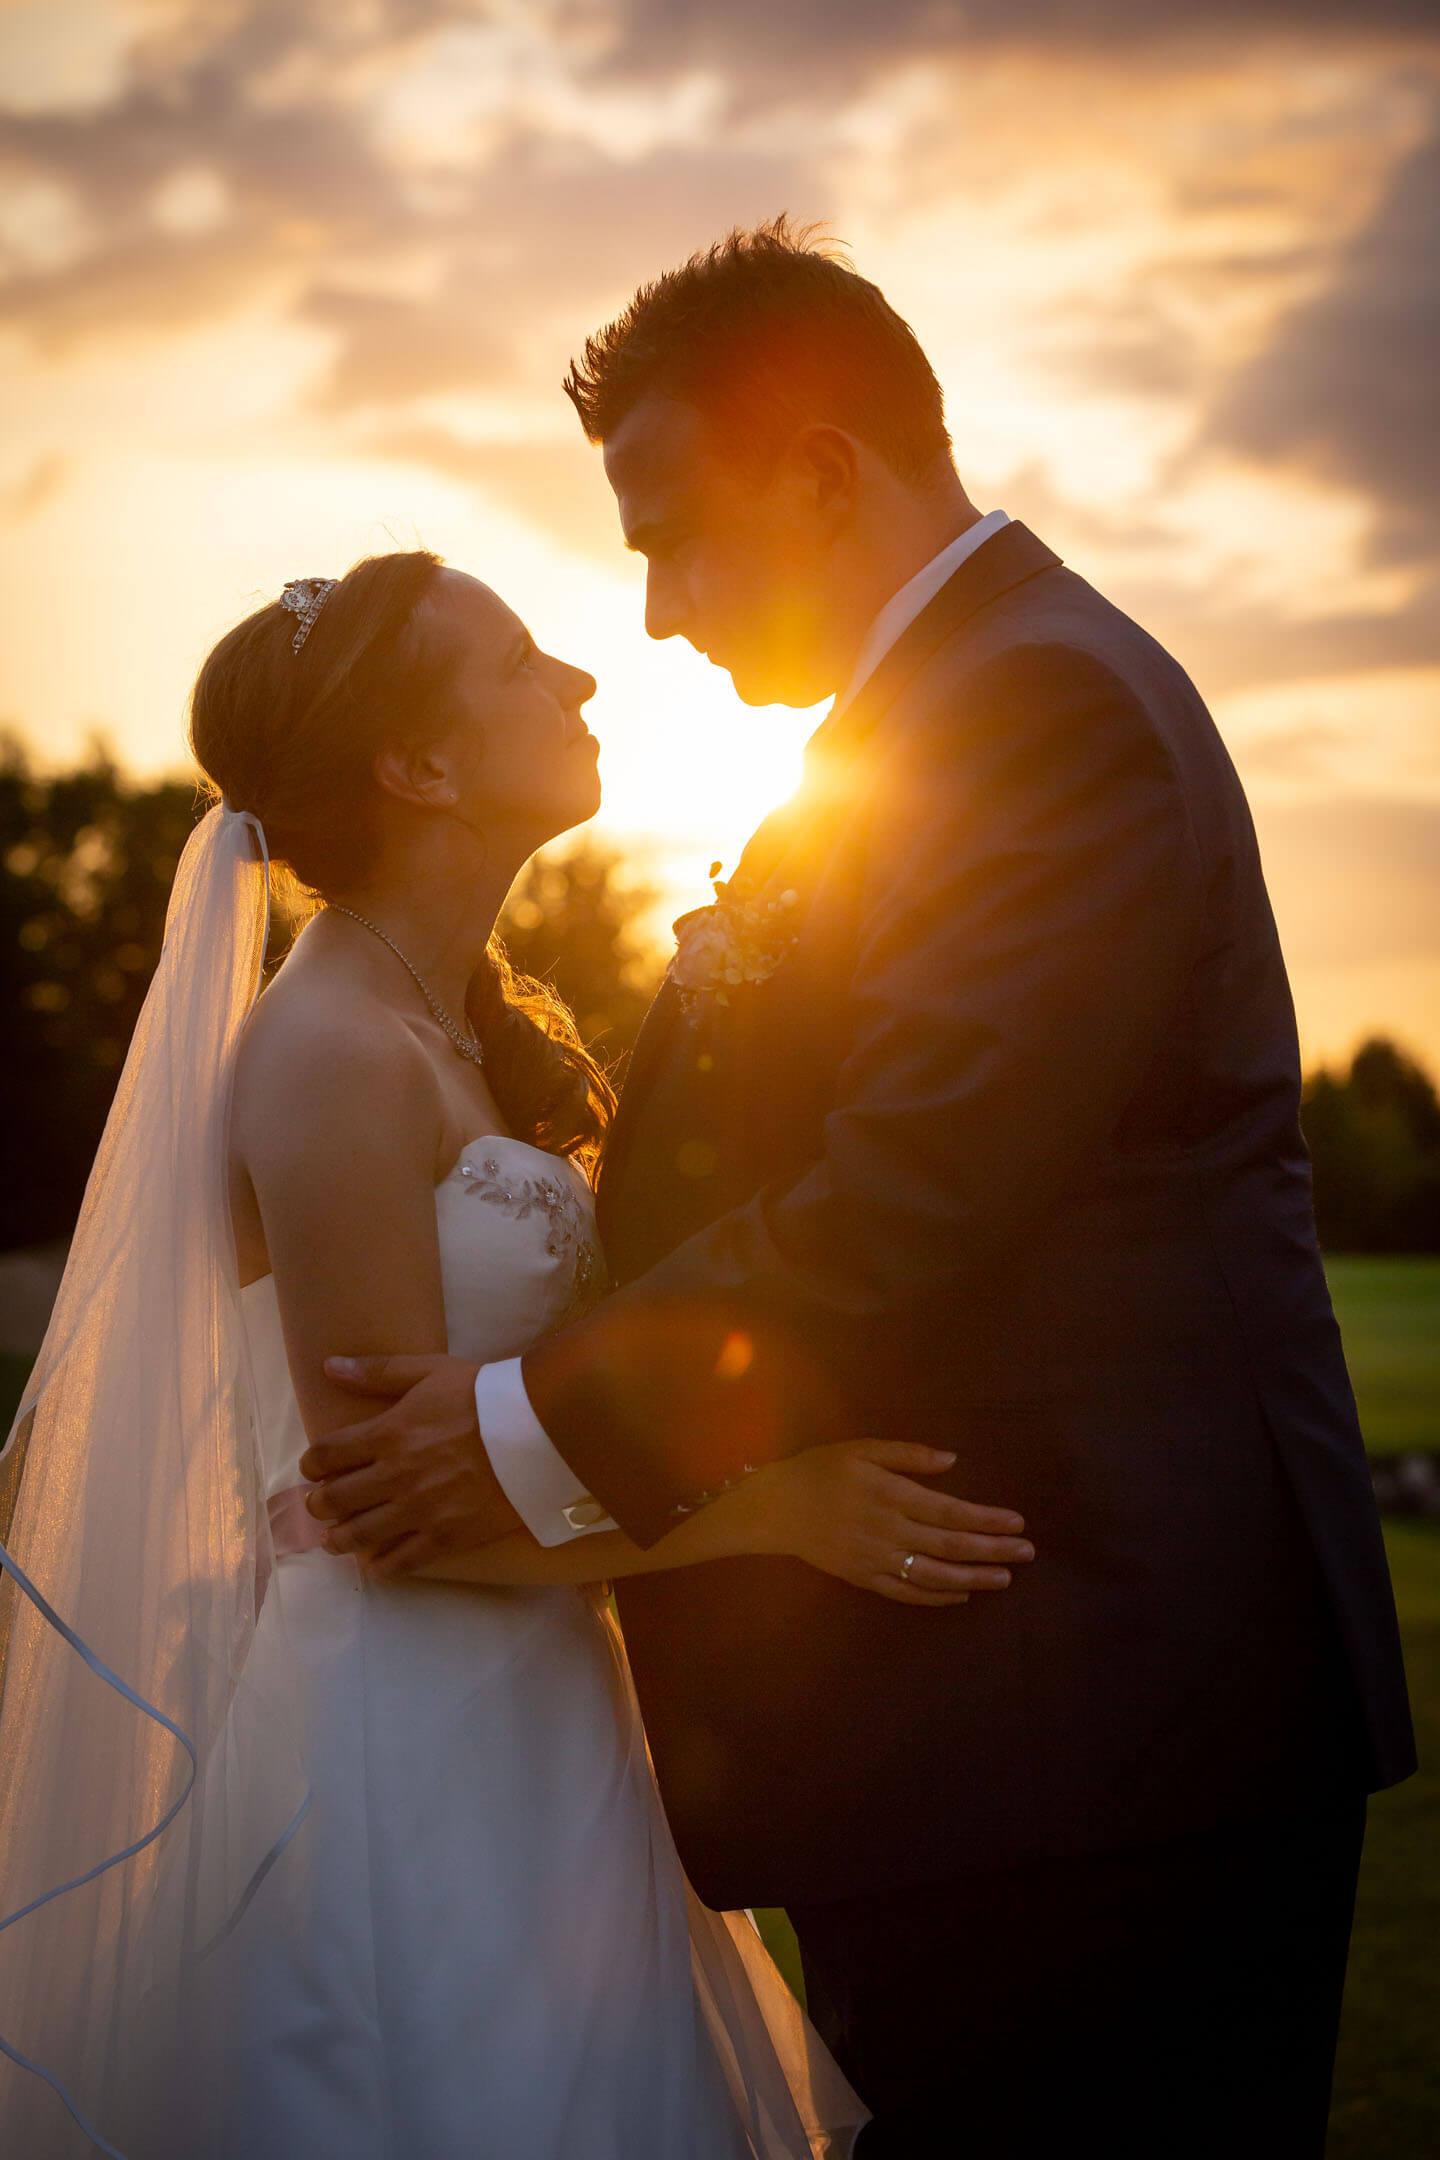 Hochzeitsfoto im Sonnenuntergang. Hochzeitsfotograf Florian Läufer nutzte geschickt das Gegenlicht.